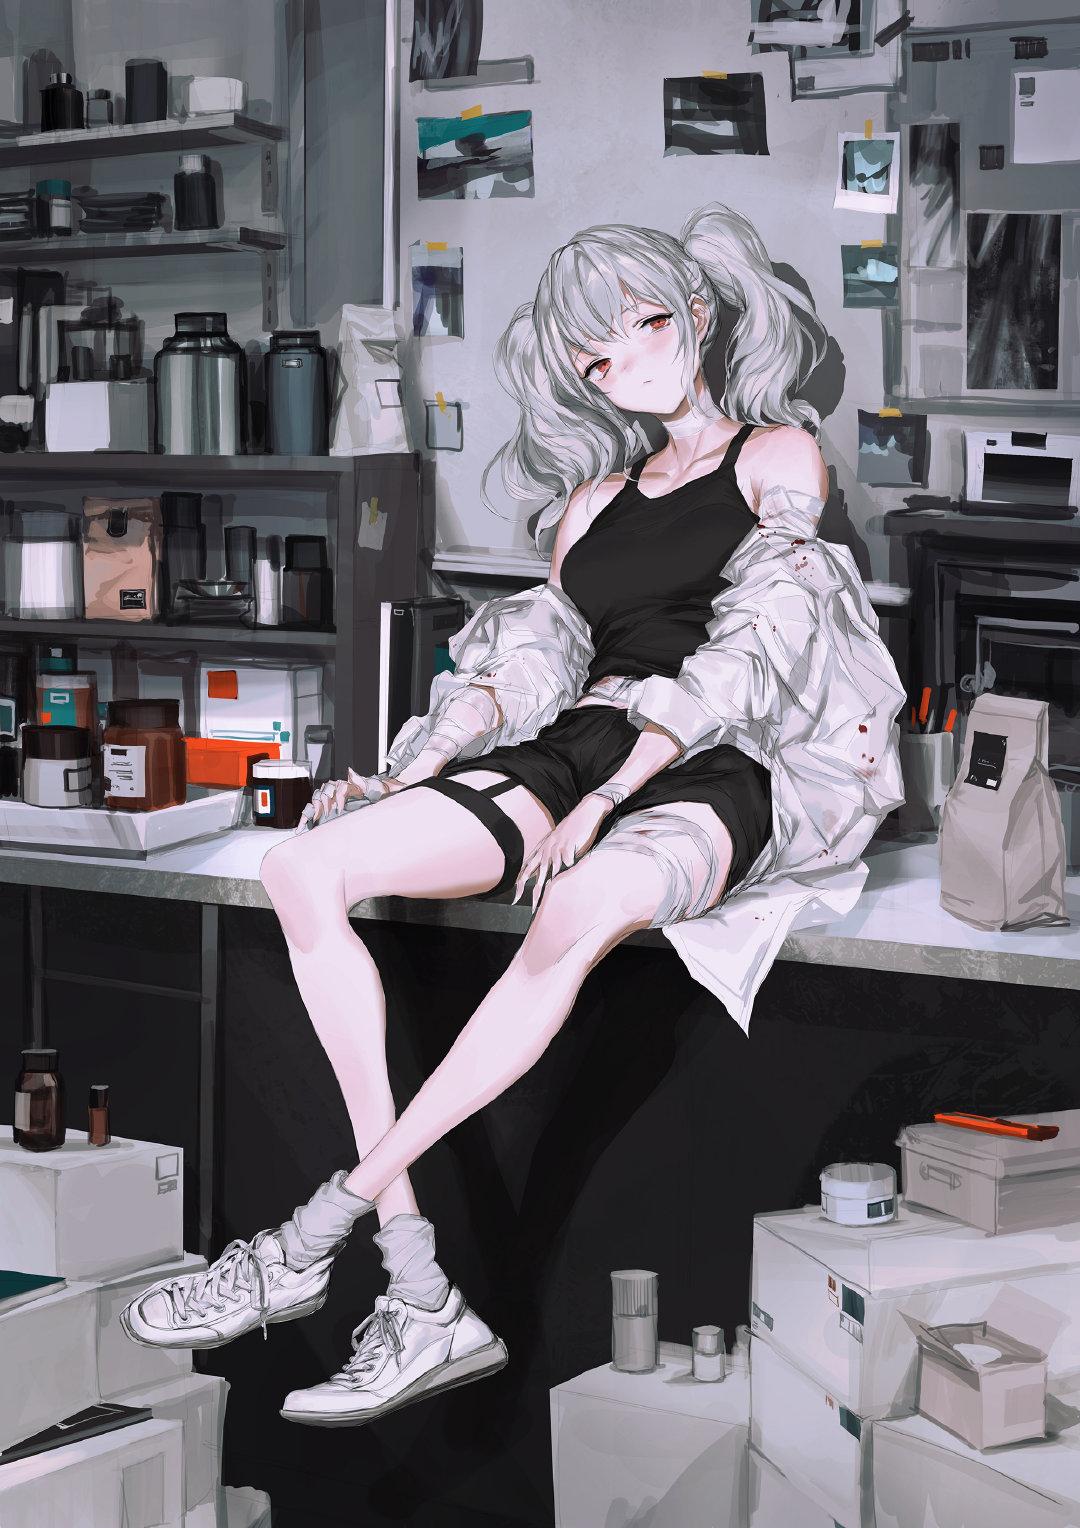 LM7画师高清图片